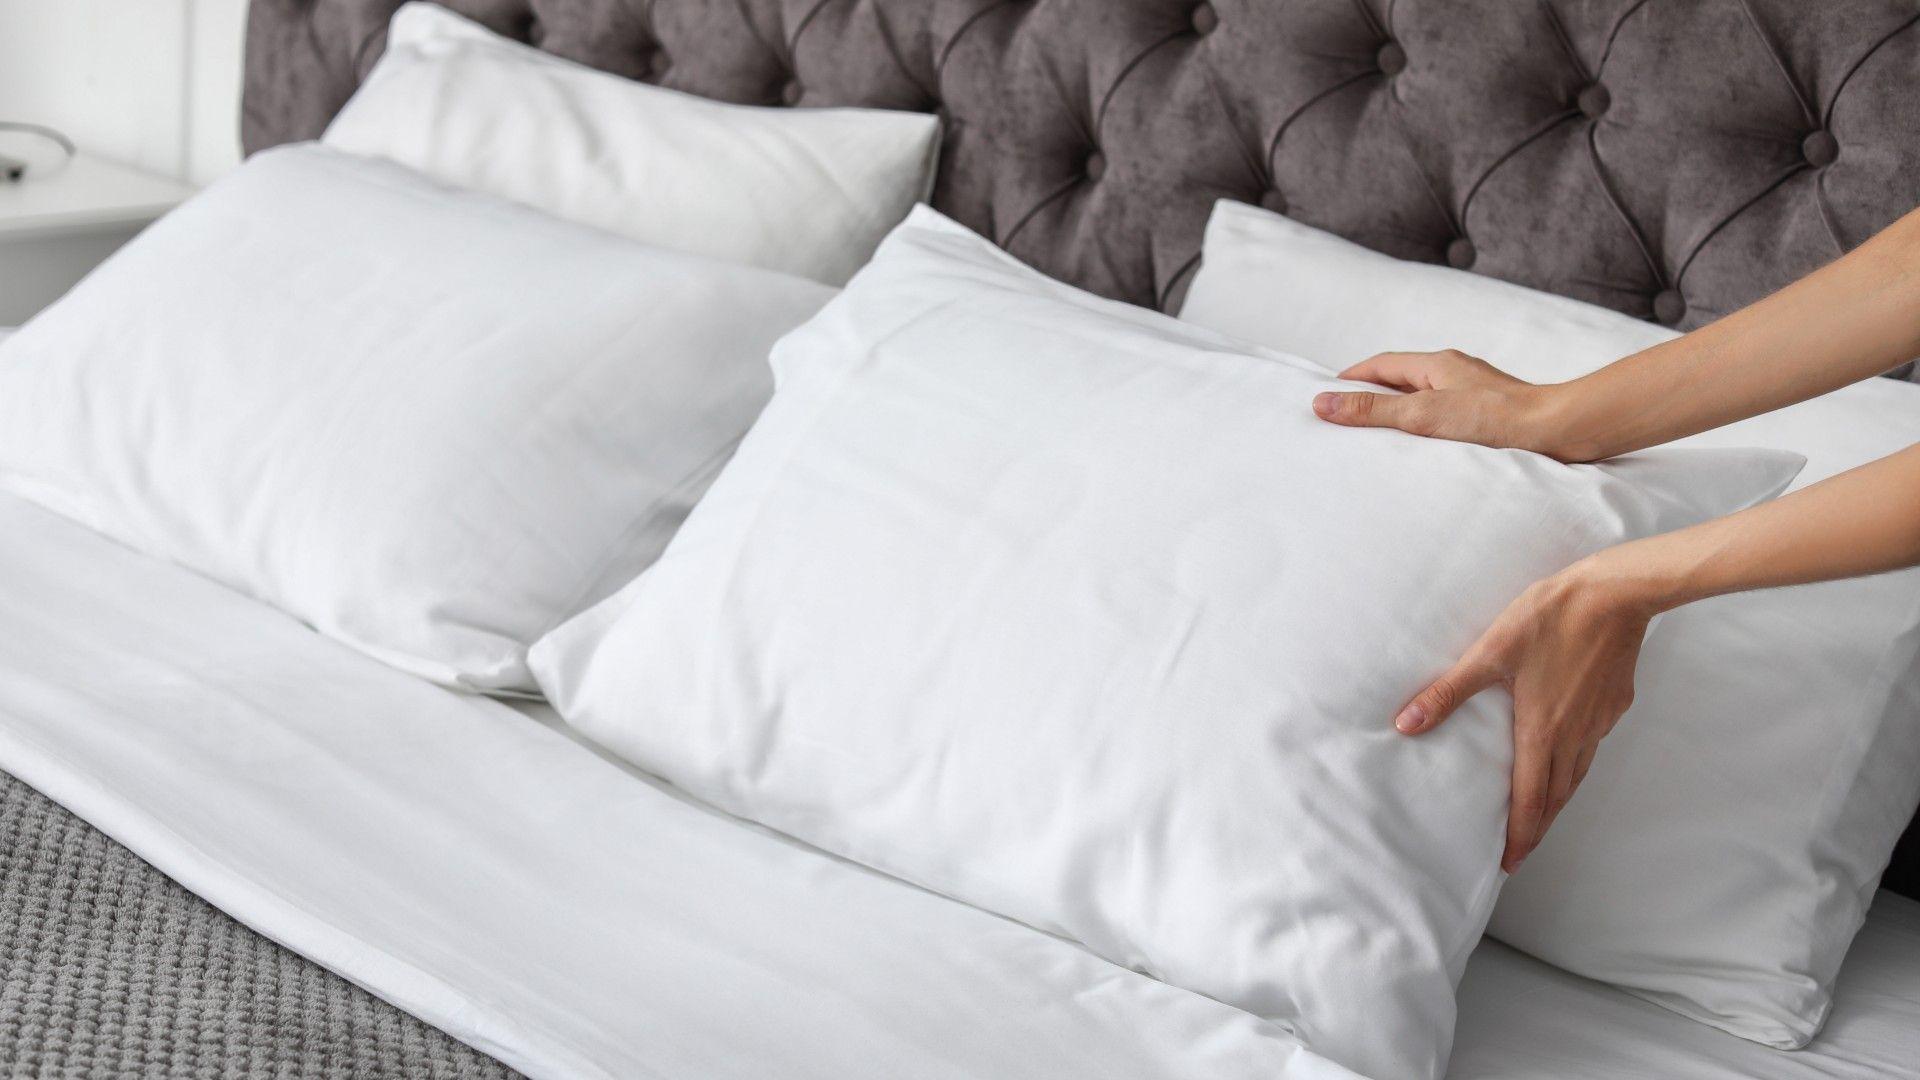 Escolha o travesseiro ideal para a sua posição de sono e garanta uma noite de sono confortável (Foto: Shutterstock)